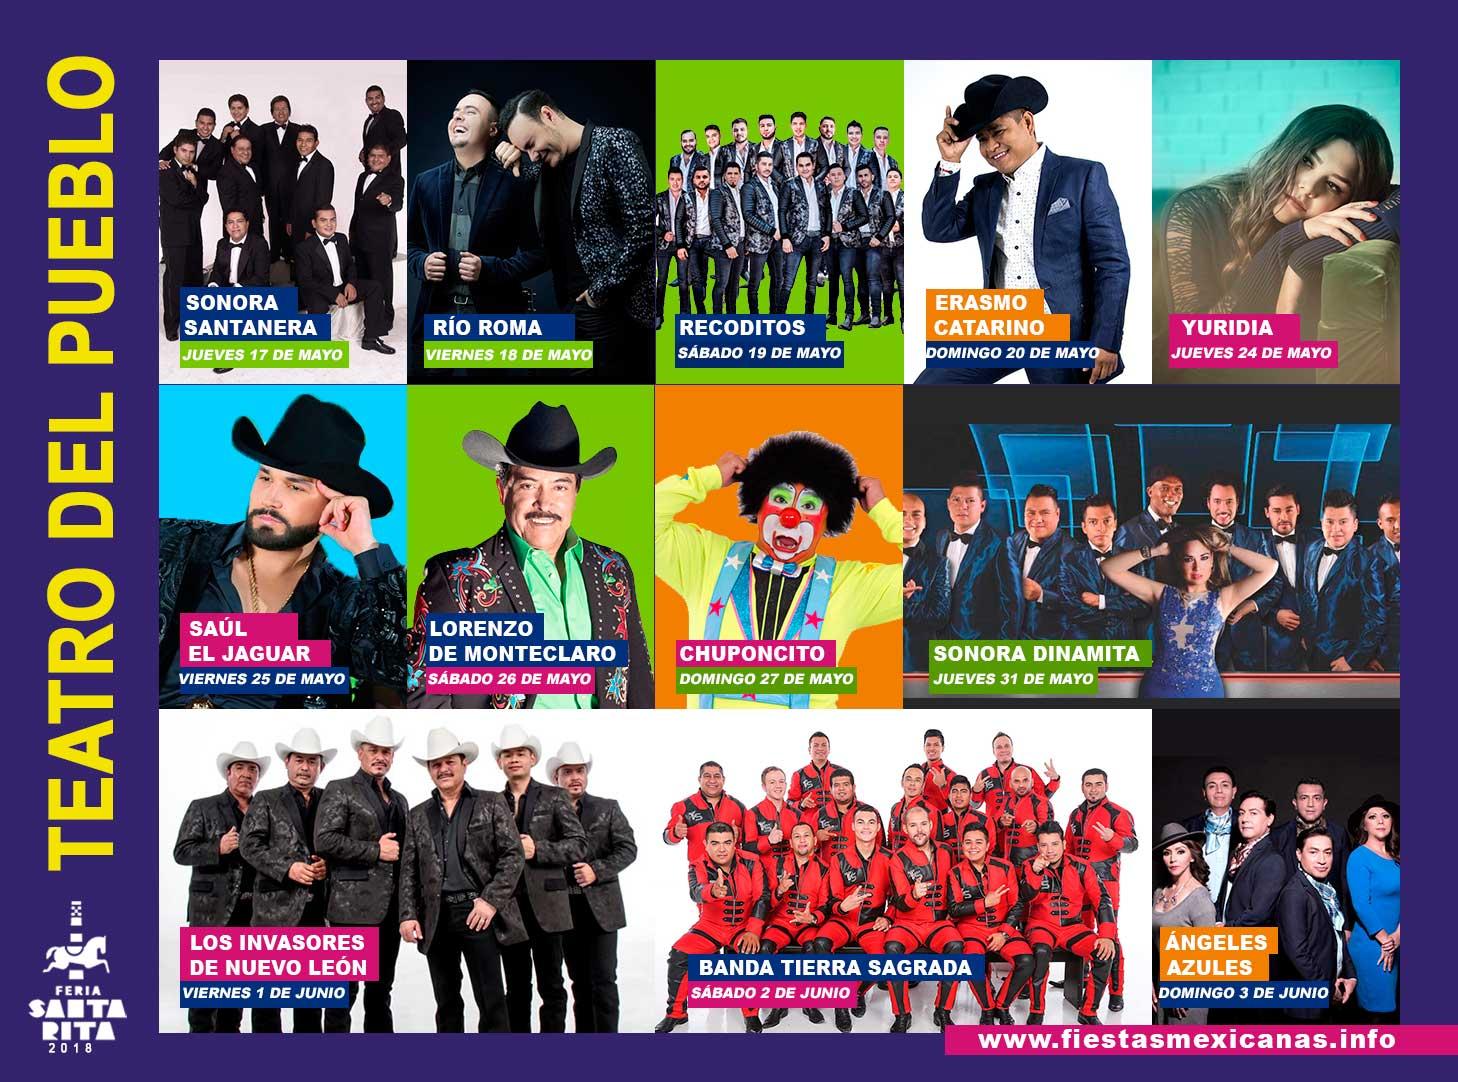 Teatro del Pueblo Feria Santa Rita Chihuahua 2018